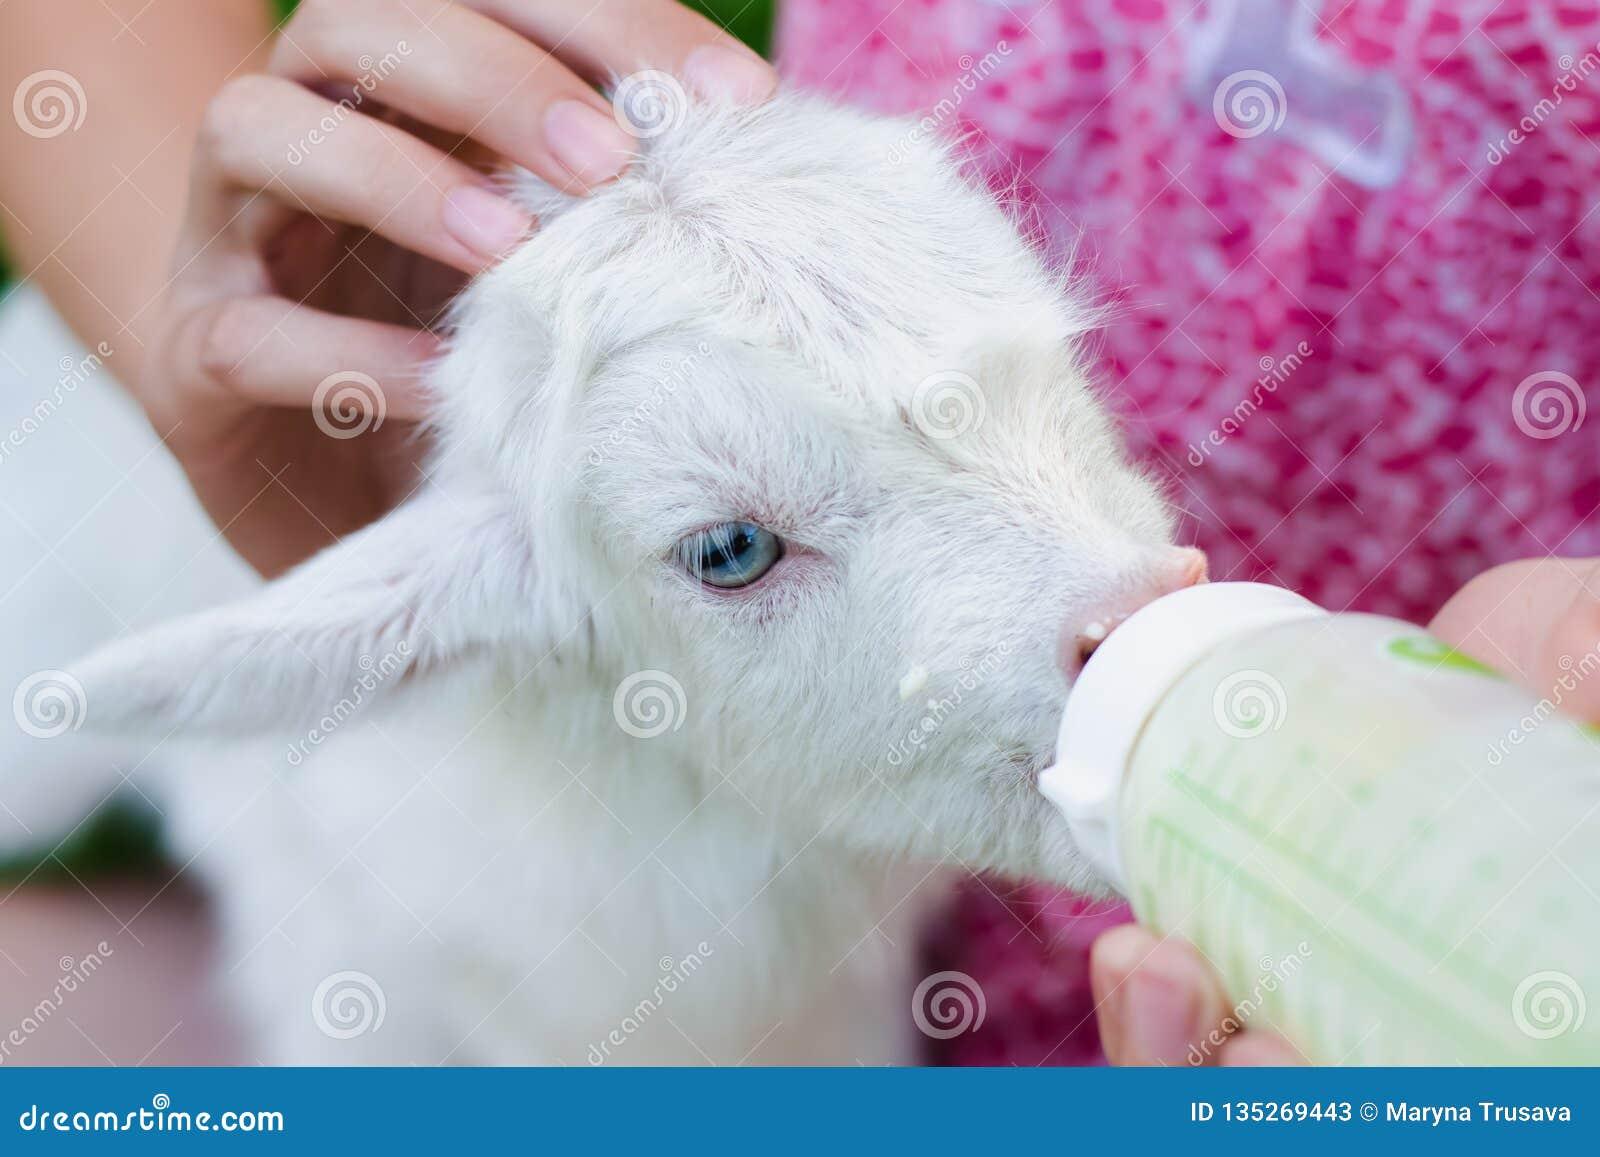 Una chica joven alimenta una cabra recién nacida con leche de una botella con el maniquí del bebé